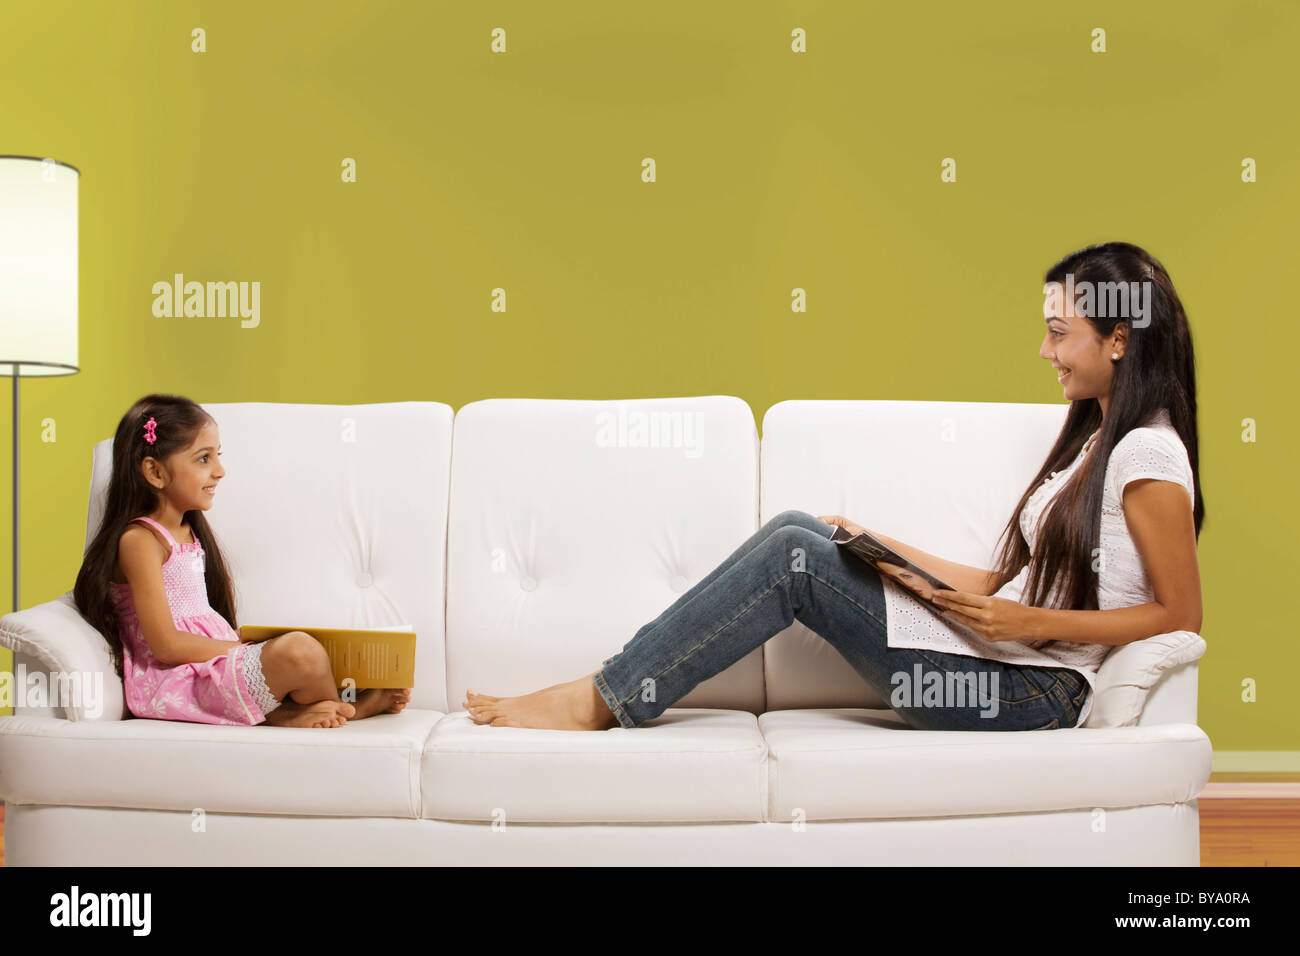 Mère et fille assise sur un canapé Photo Stock